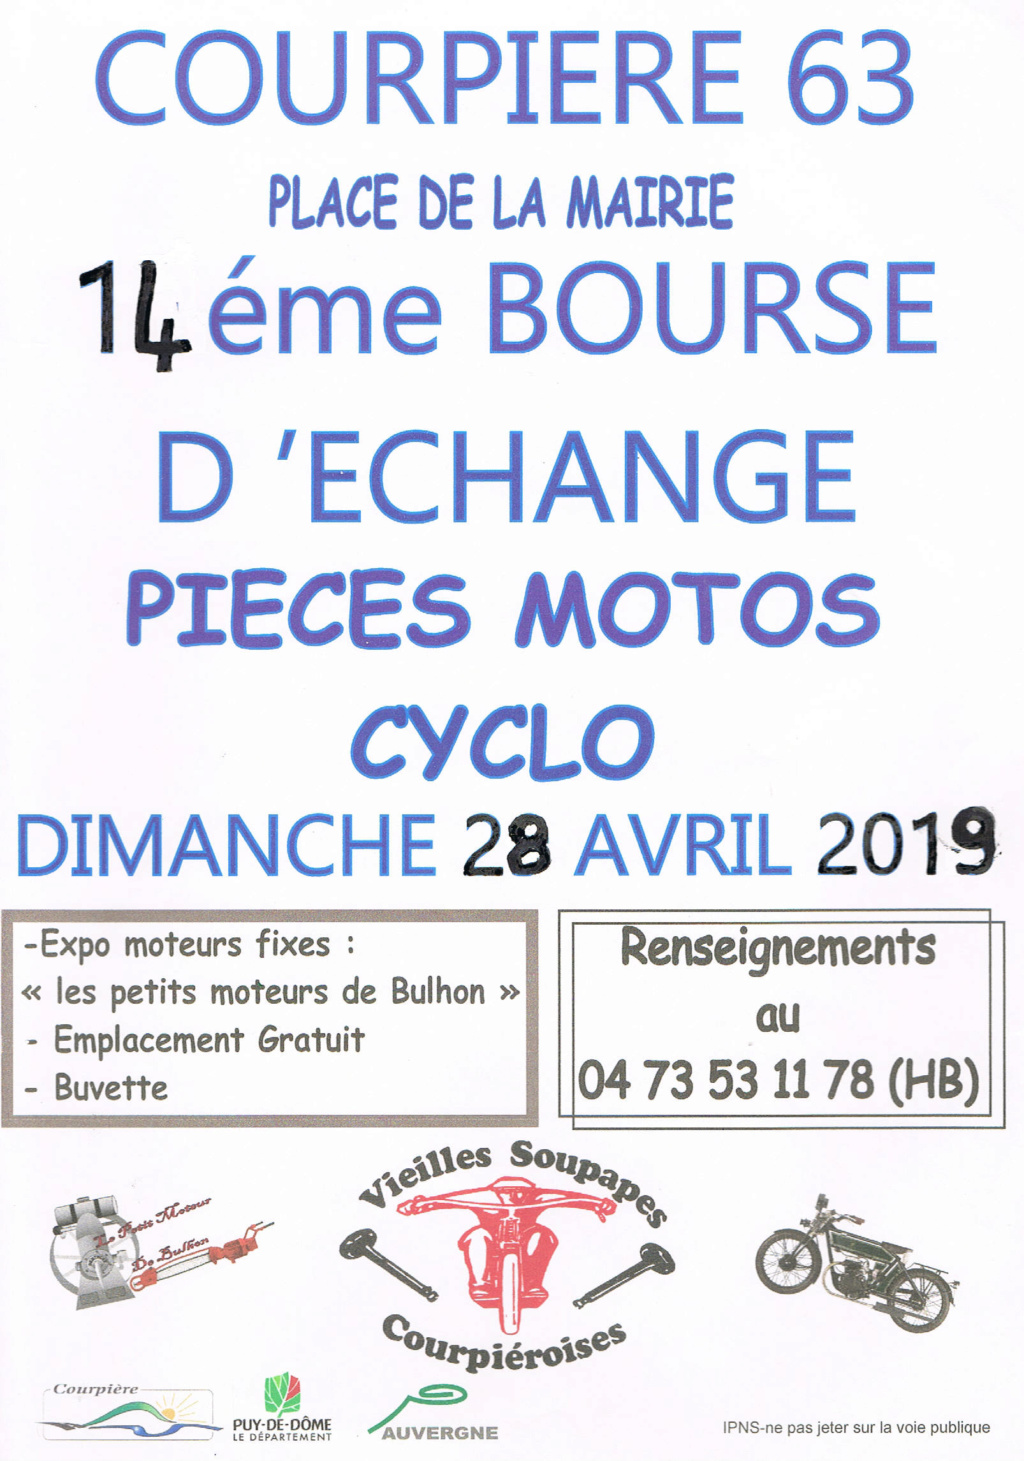 Bourse - Dimanche 28 Avril 2019 - COURPIERE (63) 2019bo16